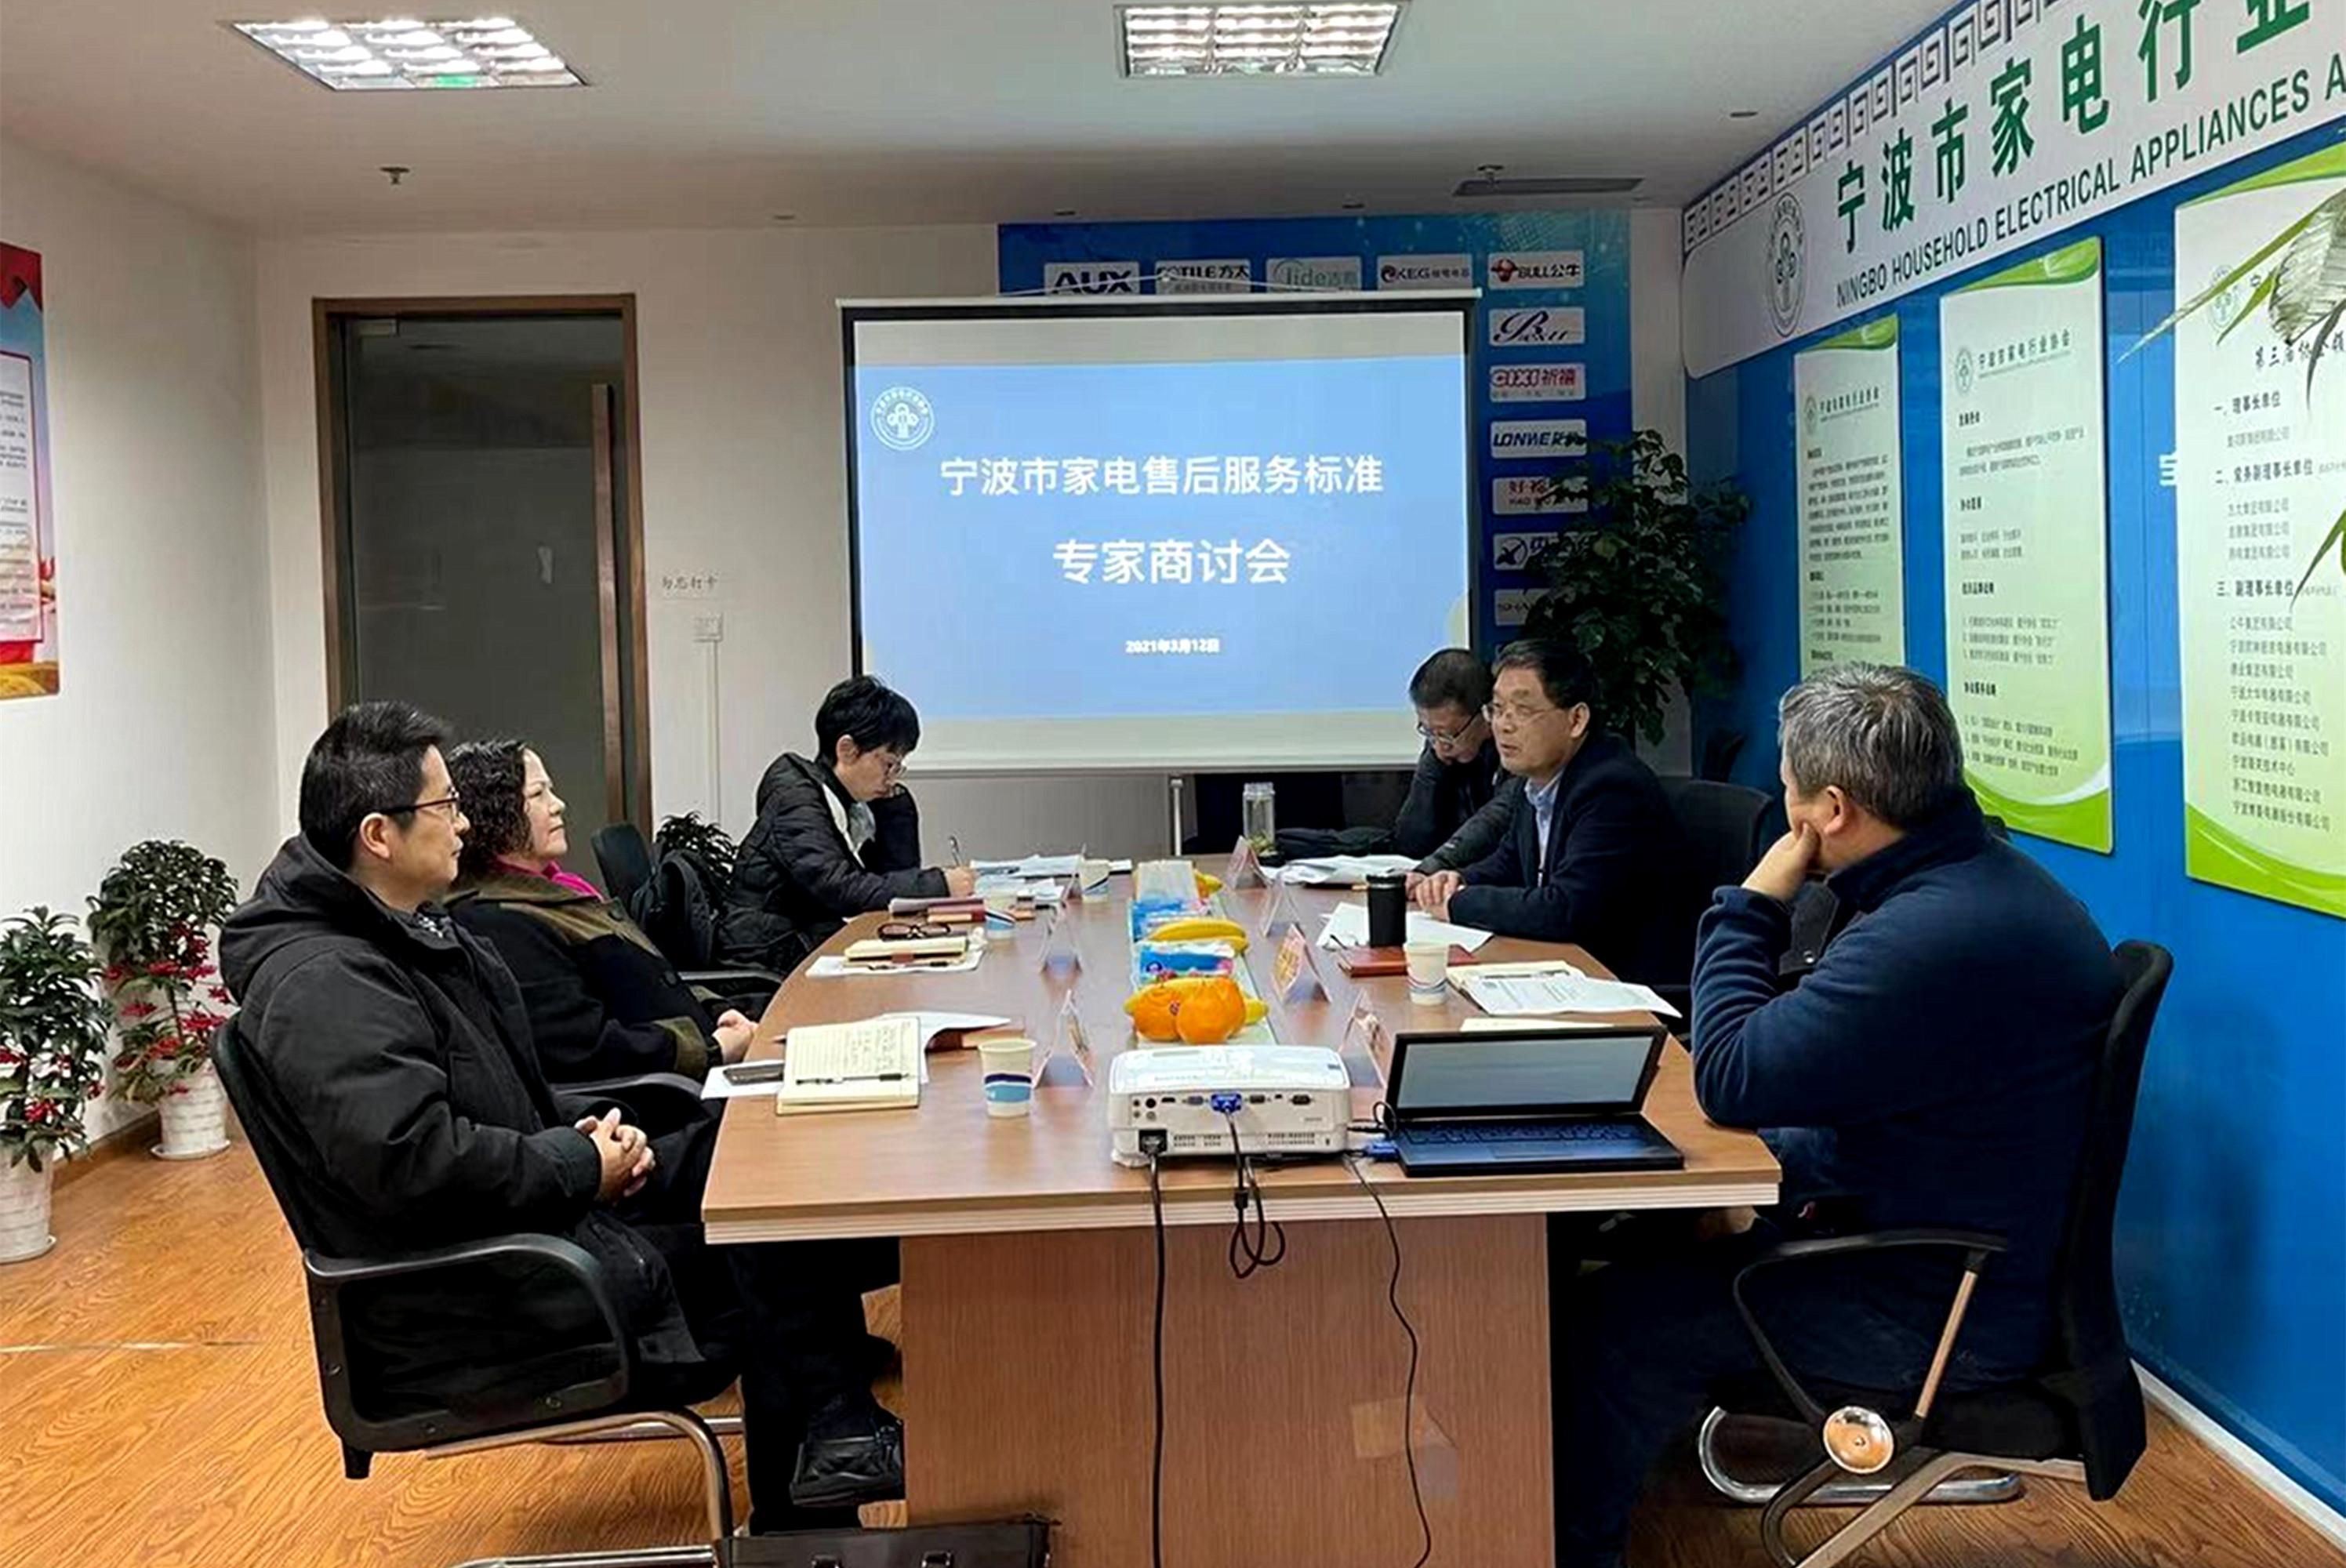 市家电协会召开《宁波家电售后服务规范》商讨会